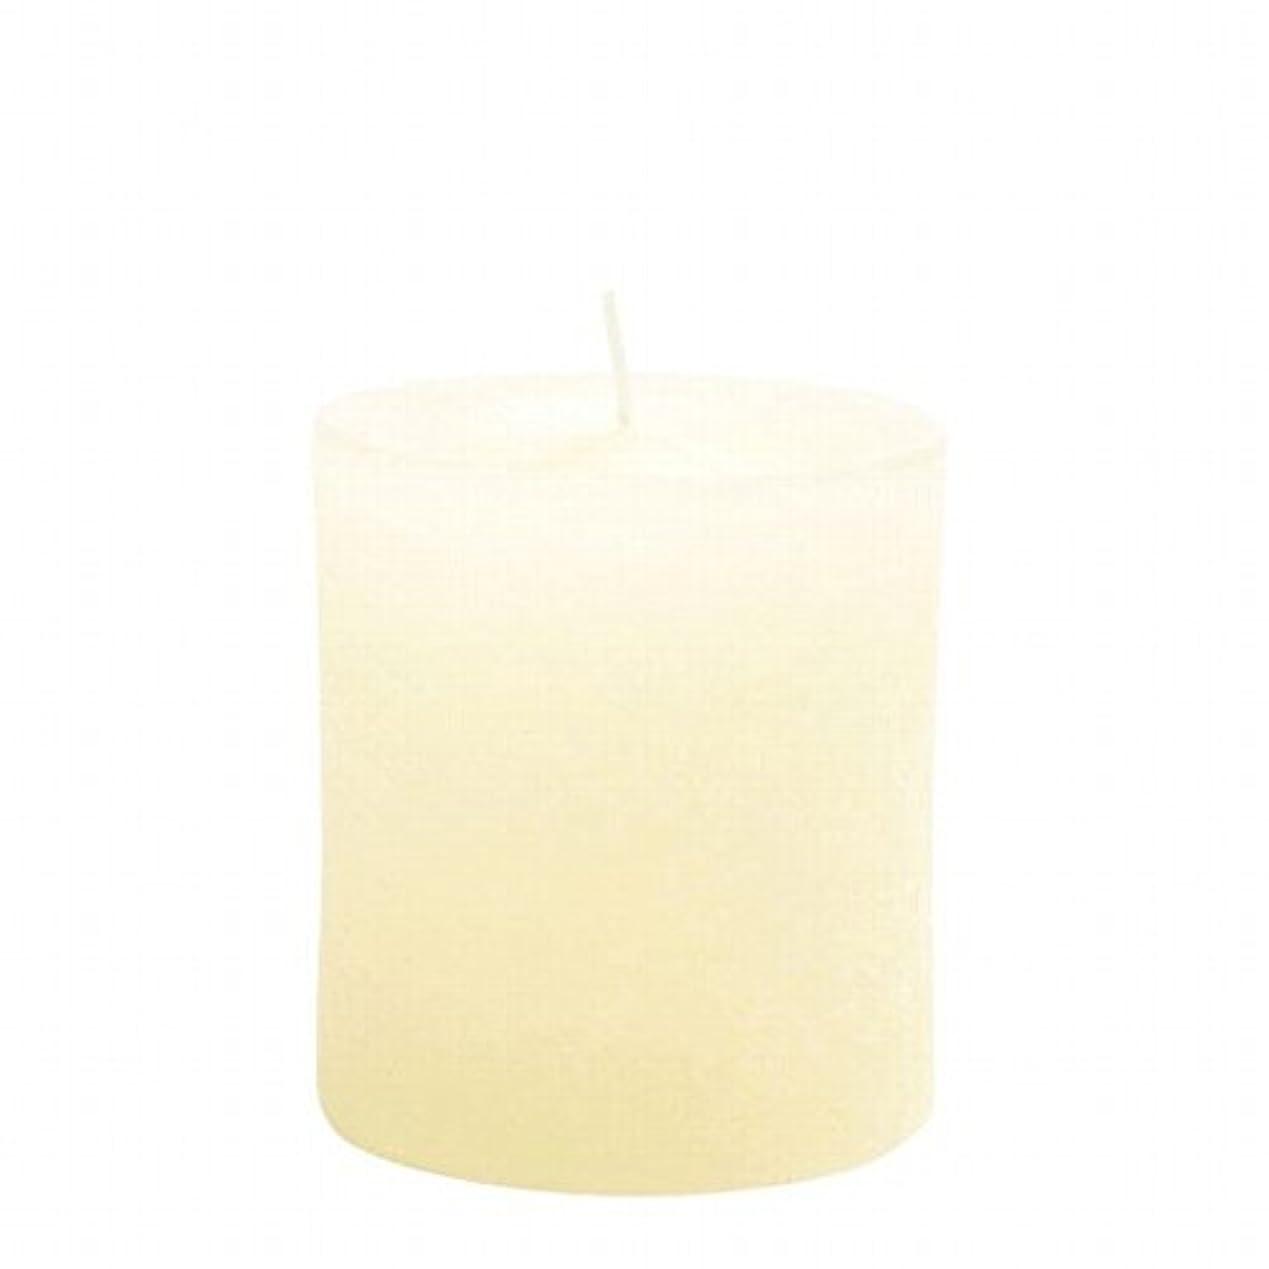 ペイン大きさ案件カメヤマキャンドル( kameyama candle ) ラスティクピラー70×75 「 アイボリー 」